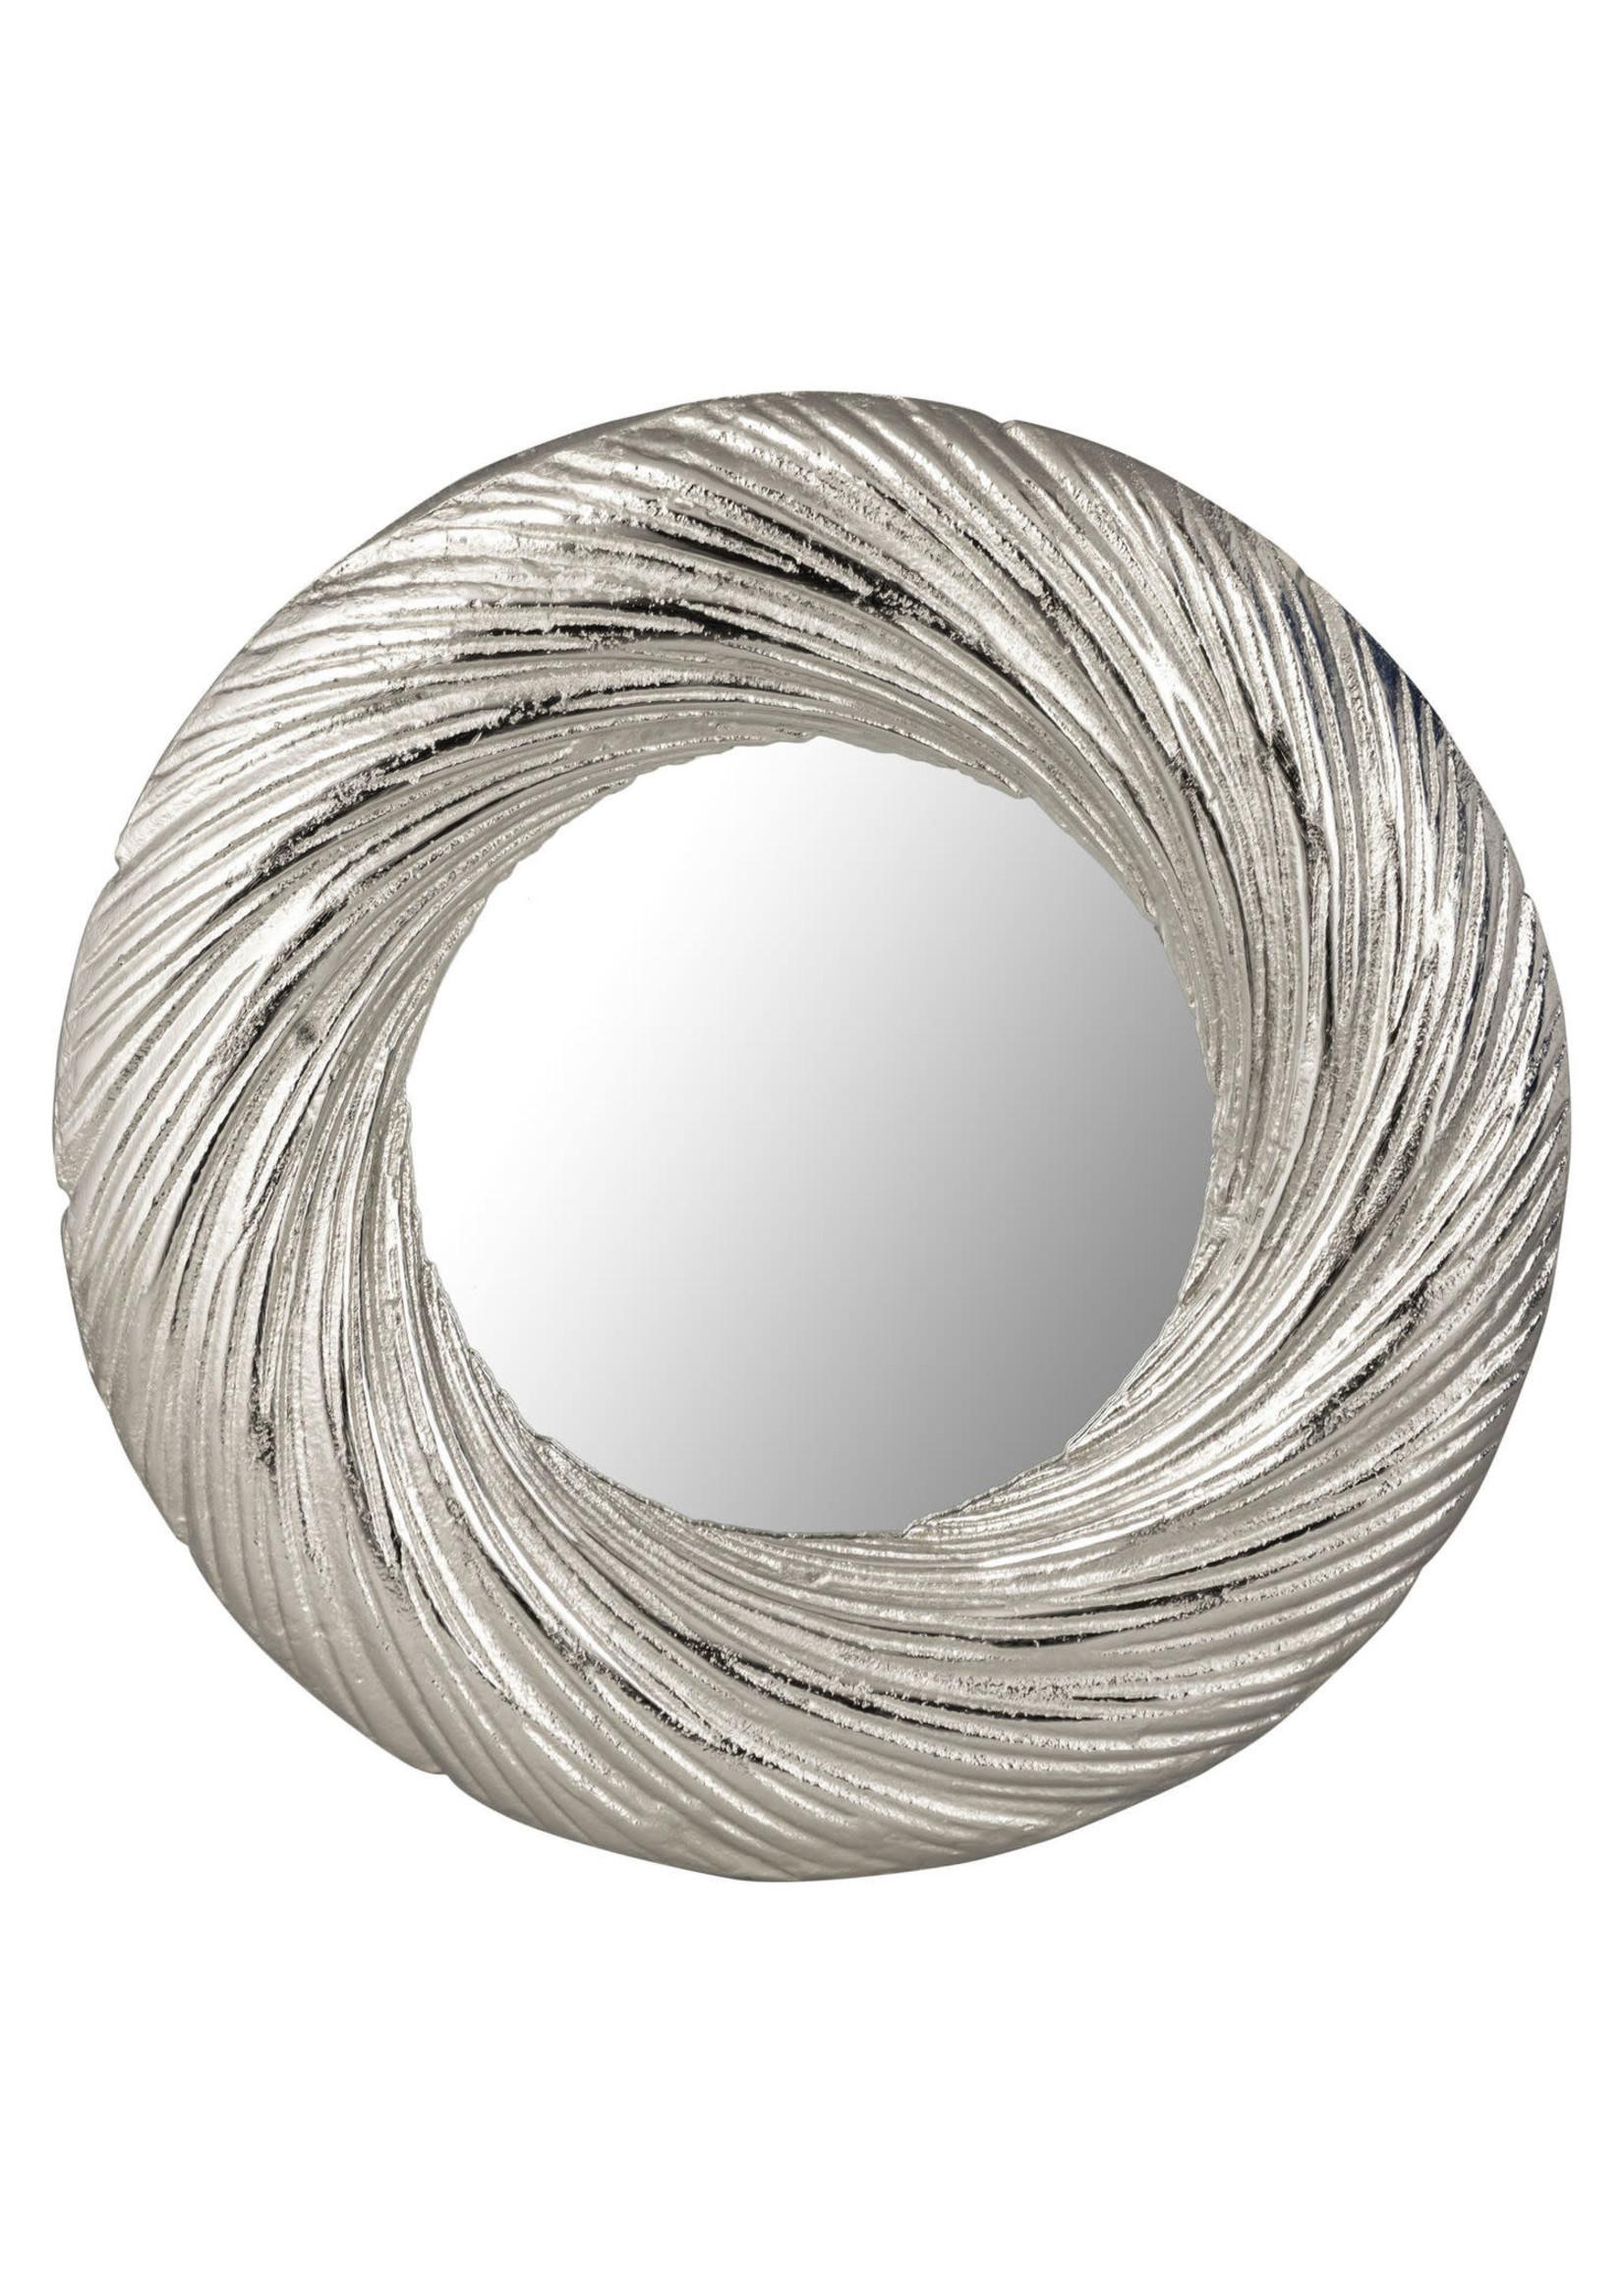 Silver Circular Mirror